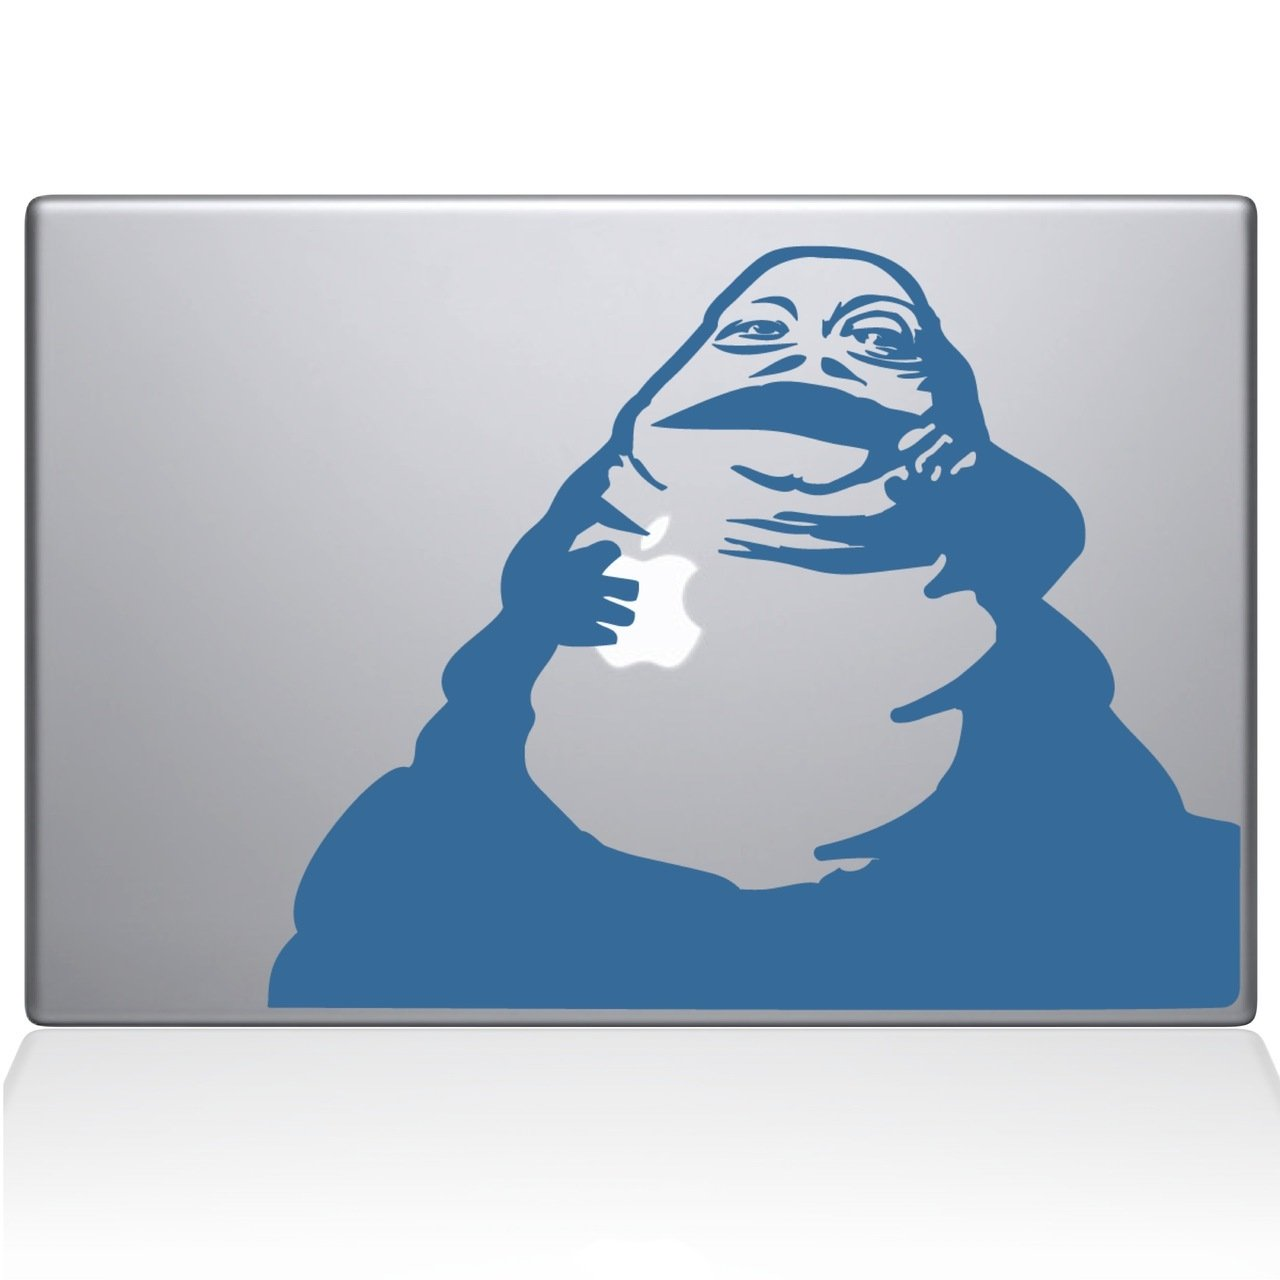 【送料関税無料】 Jabba The B07239NDBH Jabba Hut Macbookデカール、Die Cut Vinyl Decal for Vinyl Windows車、トラック、ツールボックス、ノートパソコン、ほぼすべてmacbook-ハード、滑らかな表面 グレイ Titans-Unique-Design-118972-Light-Blue ライトブルー B07239NDBH, 大森西三丁目商店:89b5cbfd --- kickit.co.ke